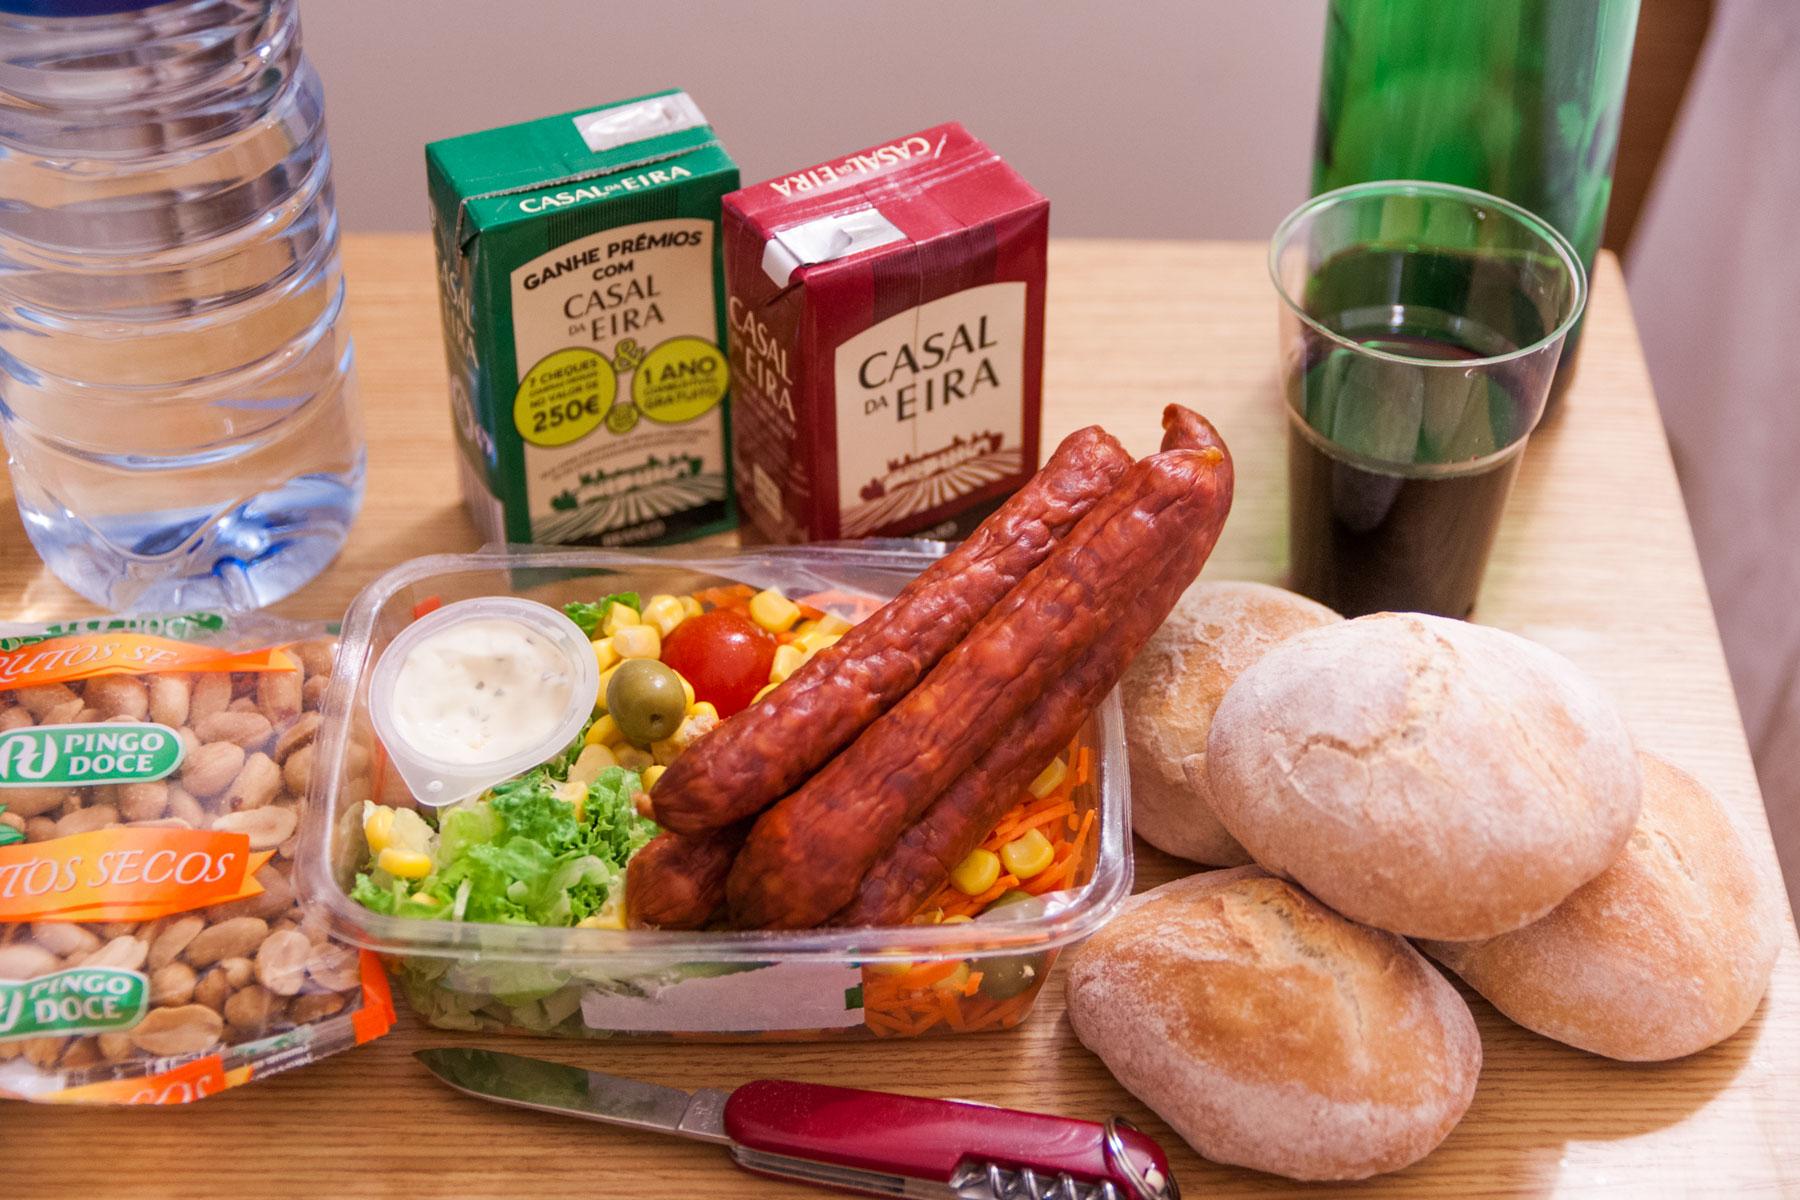 カイスドソドレのスーパー「Pingo Doce」で買った食材 撮影:NIKON D90 + TOKINA 16-50mm